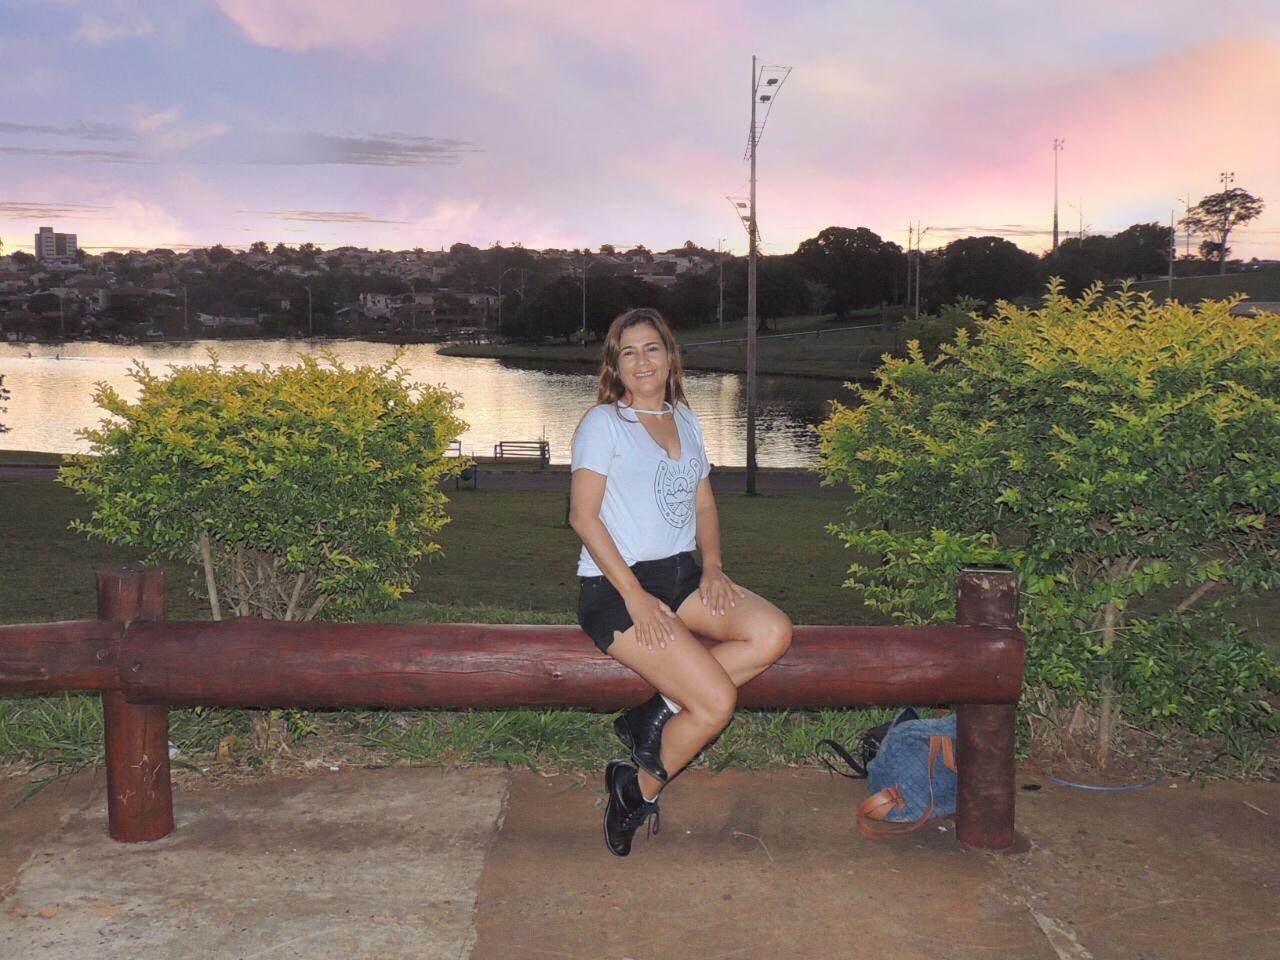 Campo Grande MS: 10 atrações na capital do Mato Grosso do Sul